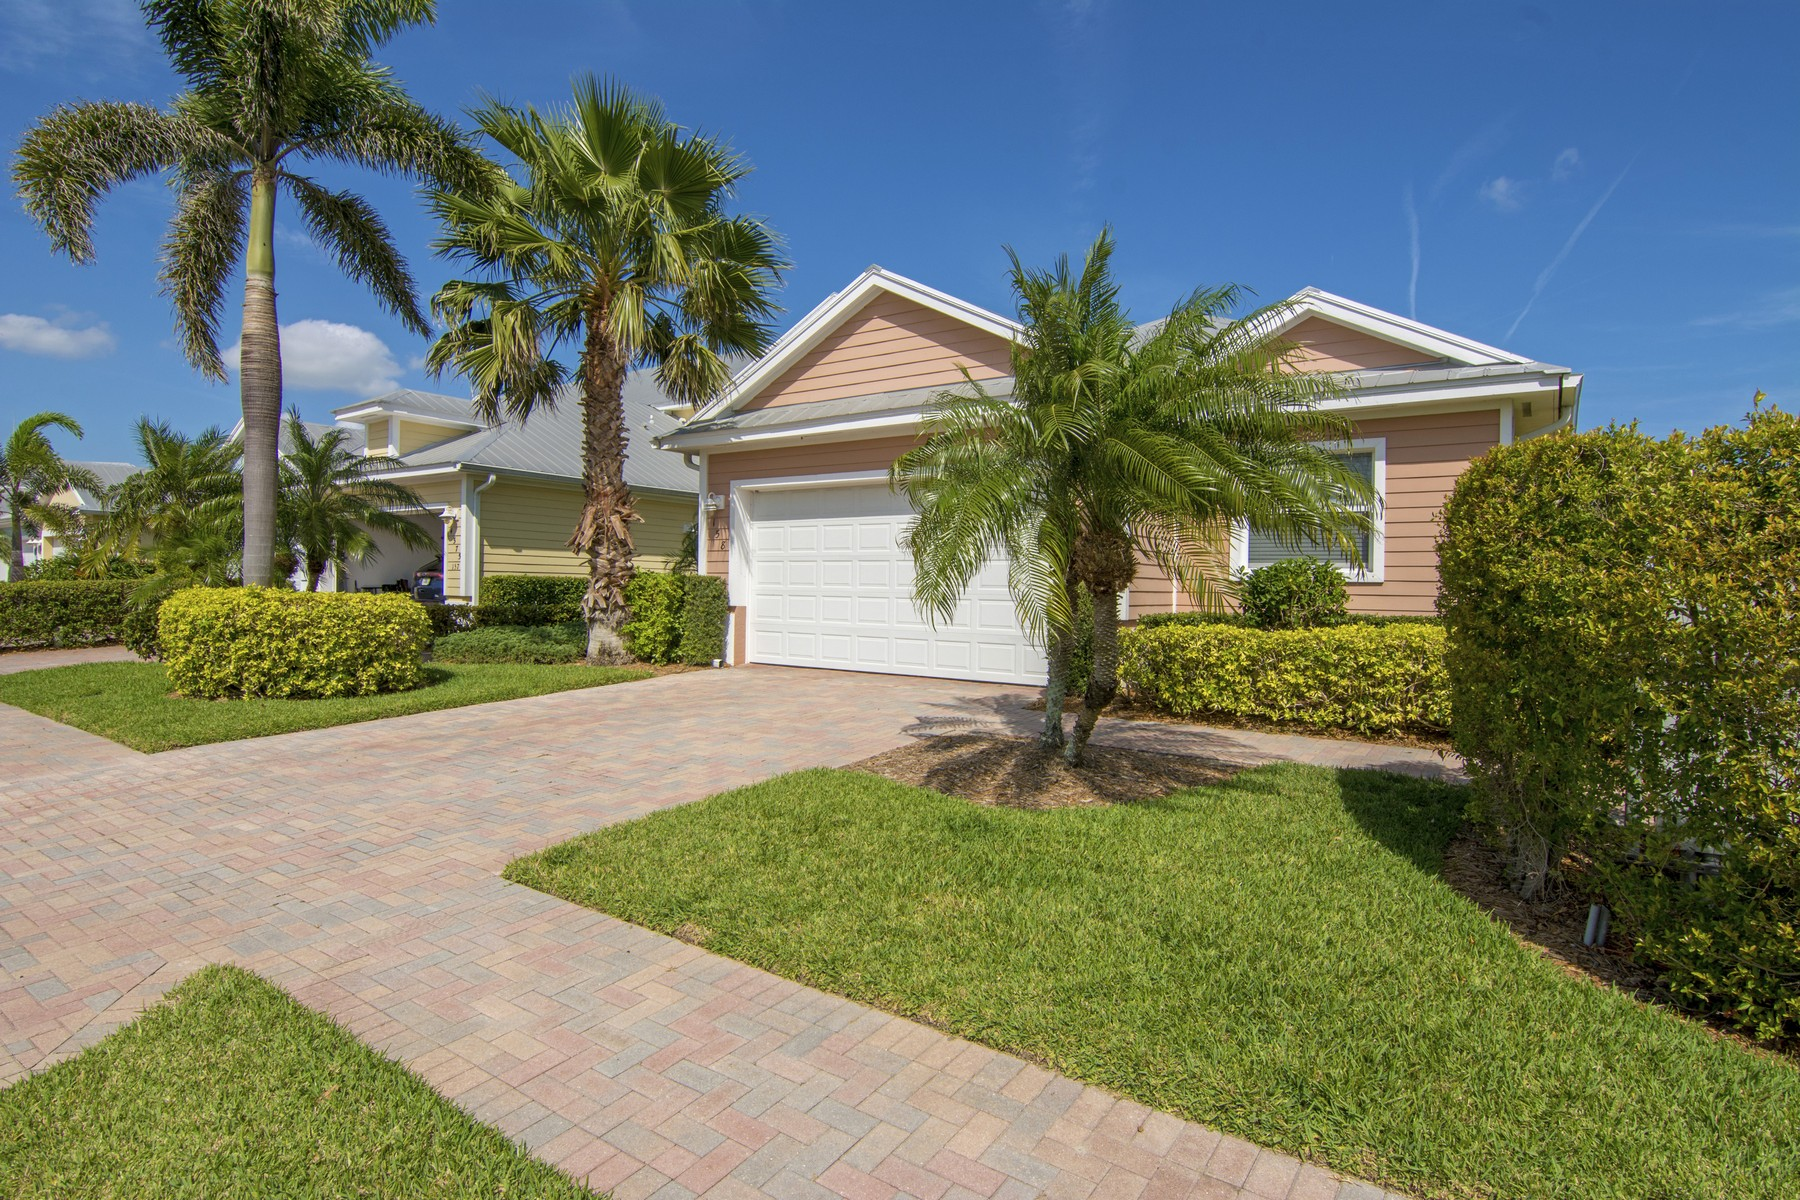 Частный односемейный дом для того Продажа на YOUR NEW HOME OR VACATION GETAWAY 4575 Bridgepointe Way #158, Vero Beach, Флорида, 32967 Соединенные Штаты